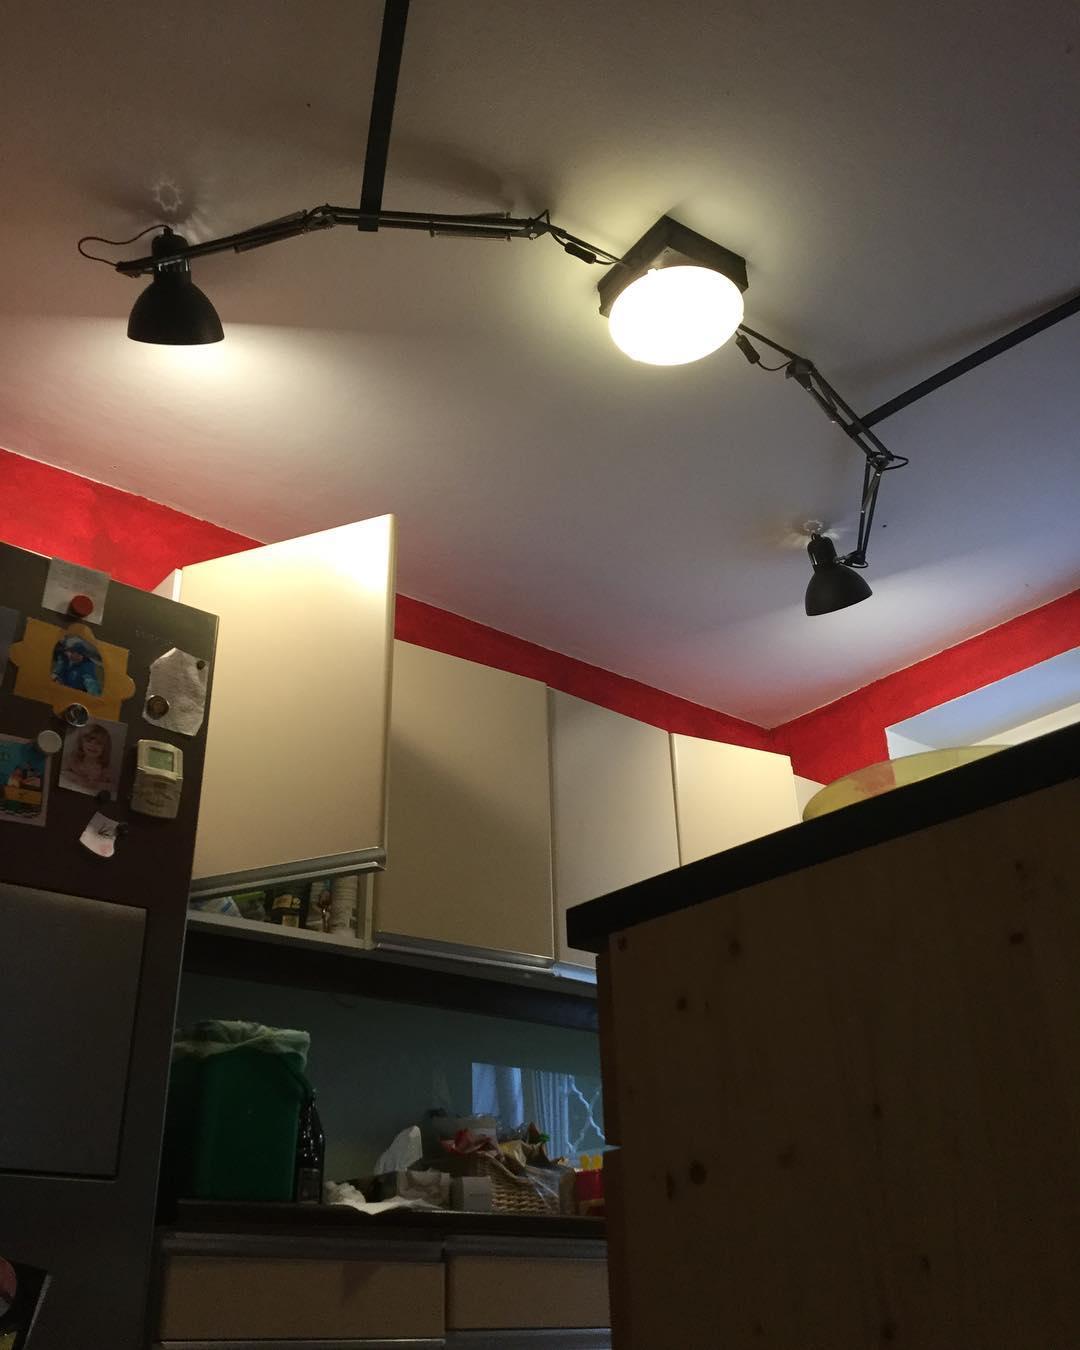 Full Size of Lampen Für Küche Eine Lampe Fr Kche Dictum Handwerksgalerie Fliesenspiegel Selber Machen Musterküche Hängeschrank Höhe Alarmanlagen Fenster Und Türen Wohnzimmer Lampen Für Küche